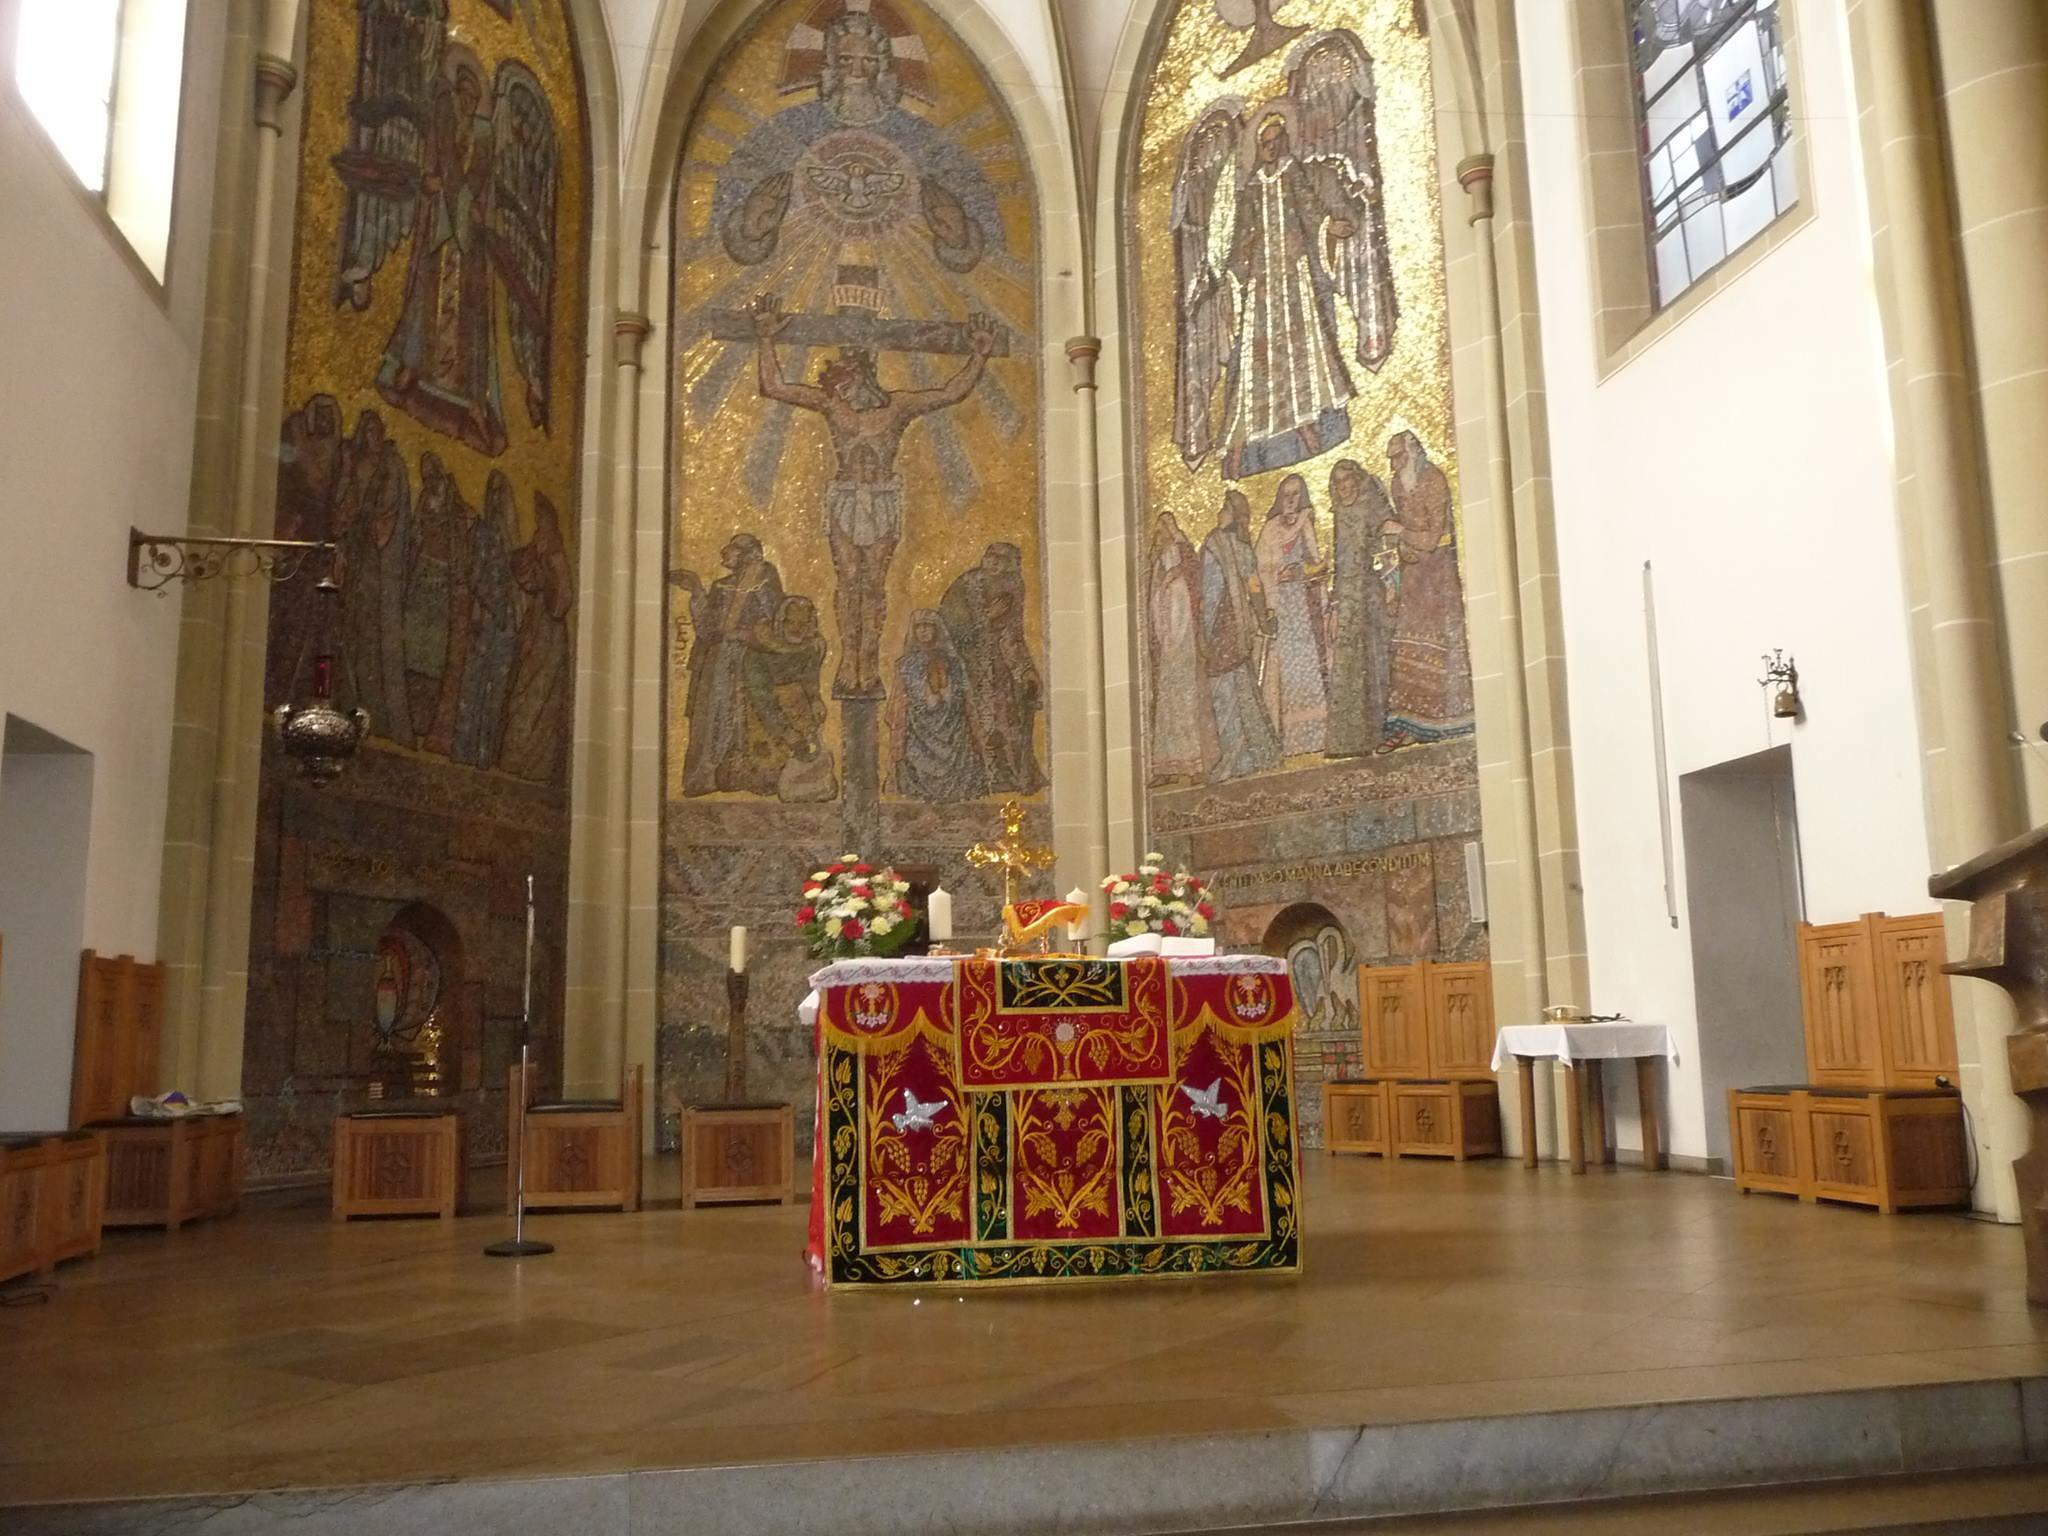 St. Chrysostom Syro-Malankarische Indische Gemeinde (Herne / Dortmund)